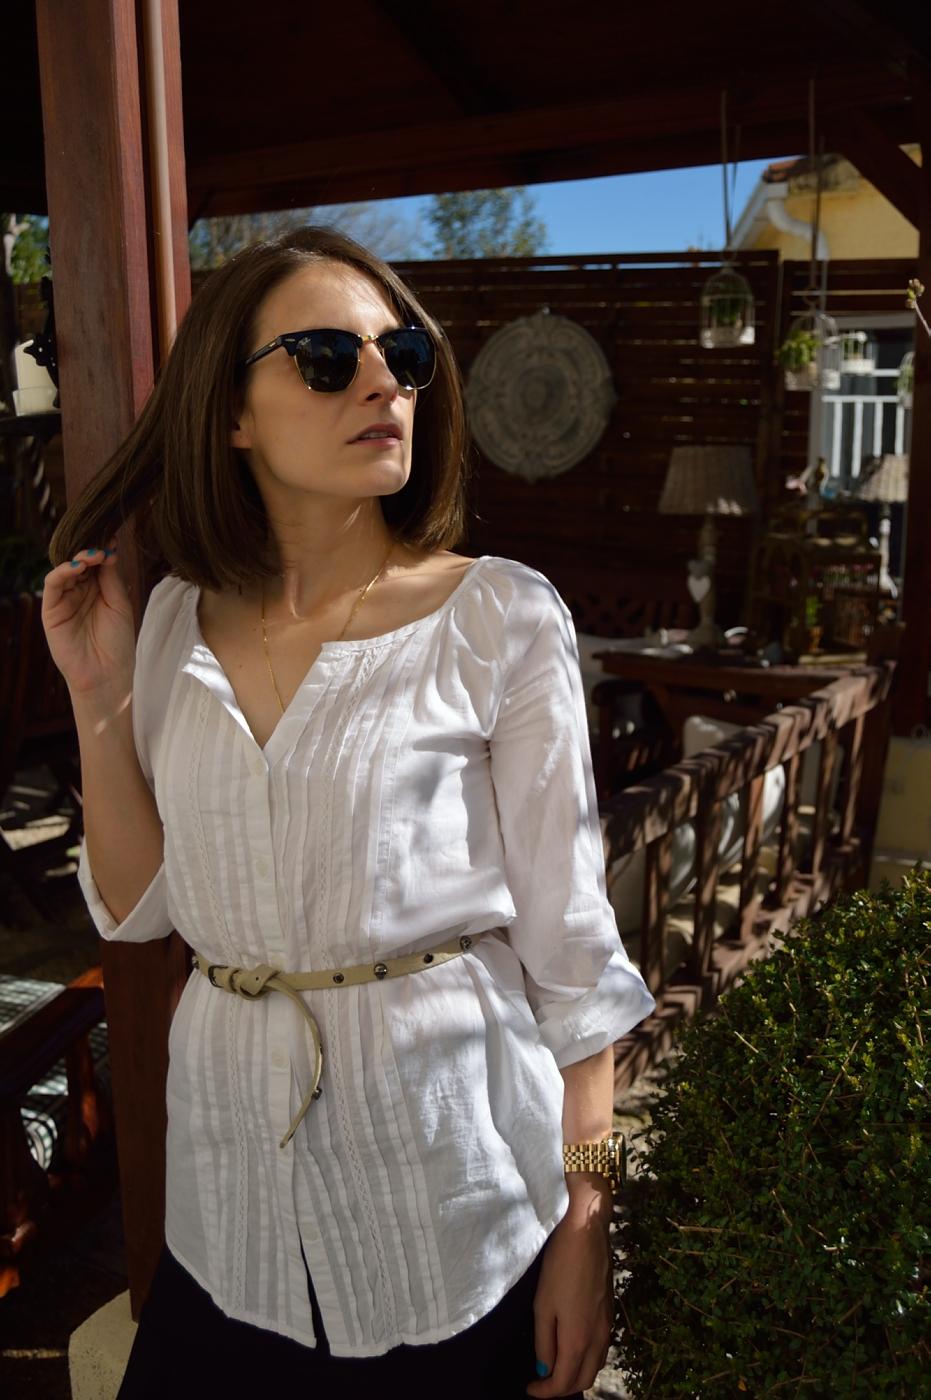 lara-vazquez-mad-lula-style-fashionblog-streetstyle-look-white-shirt-moda